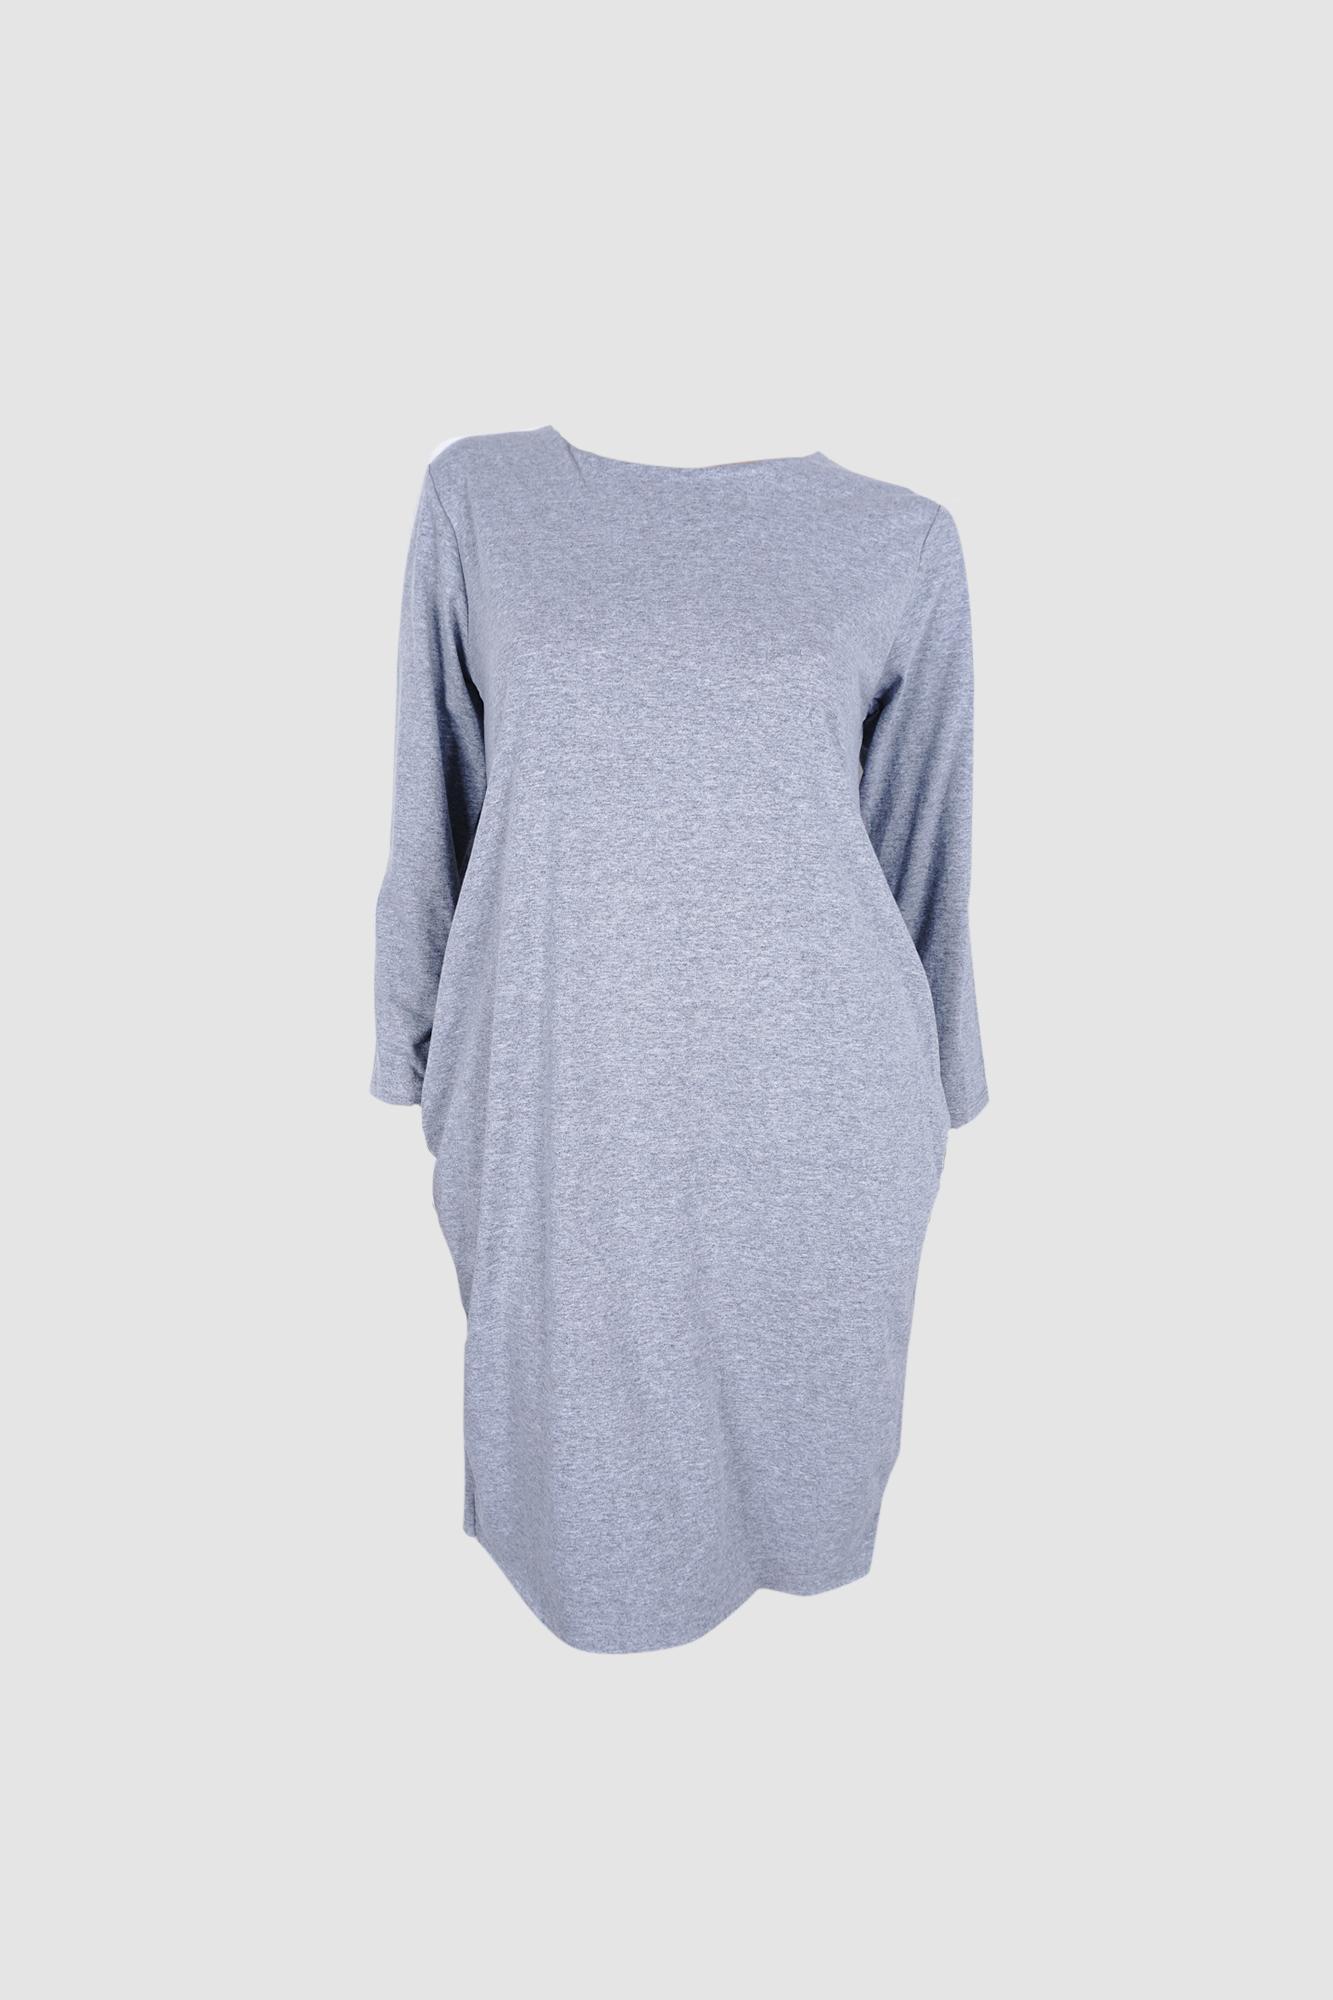 Φόρεμα γκρι με τσέπες Φόρεμα γκρι με τσέπες 72b0bd37aa7